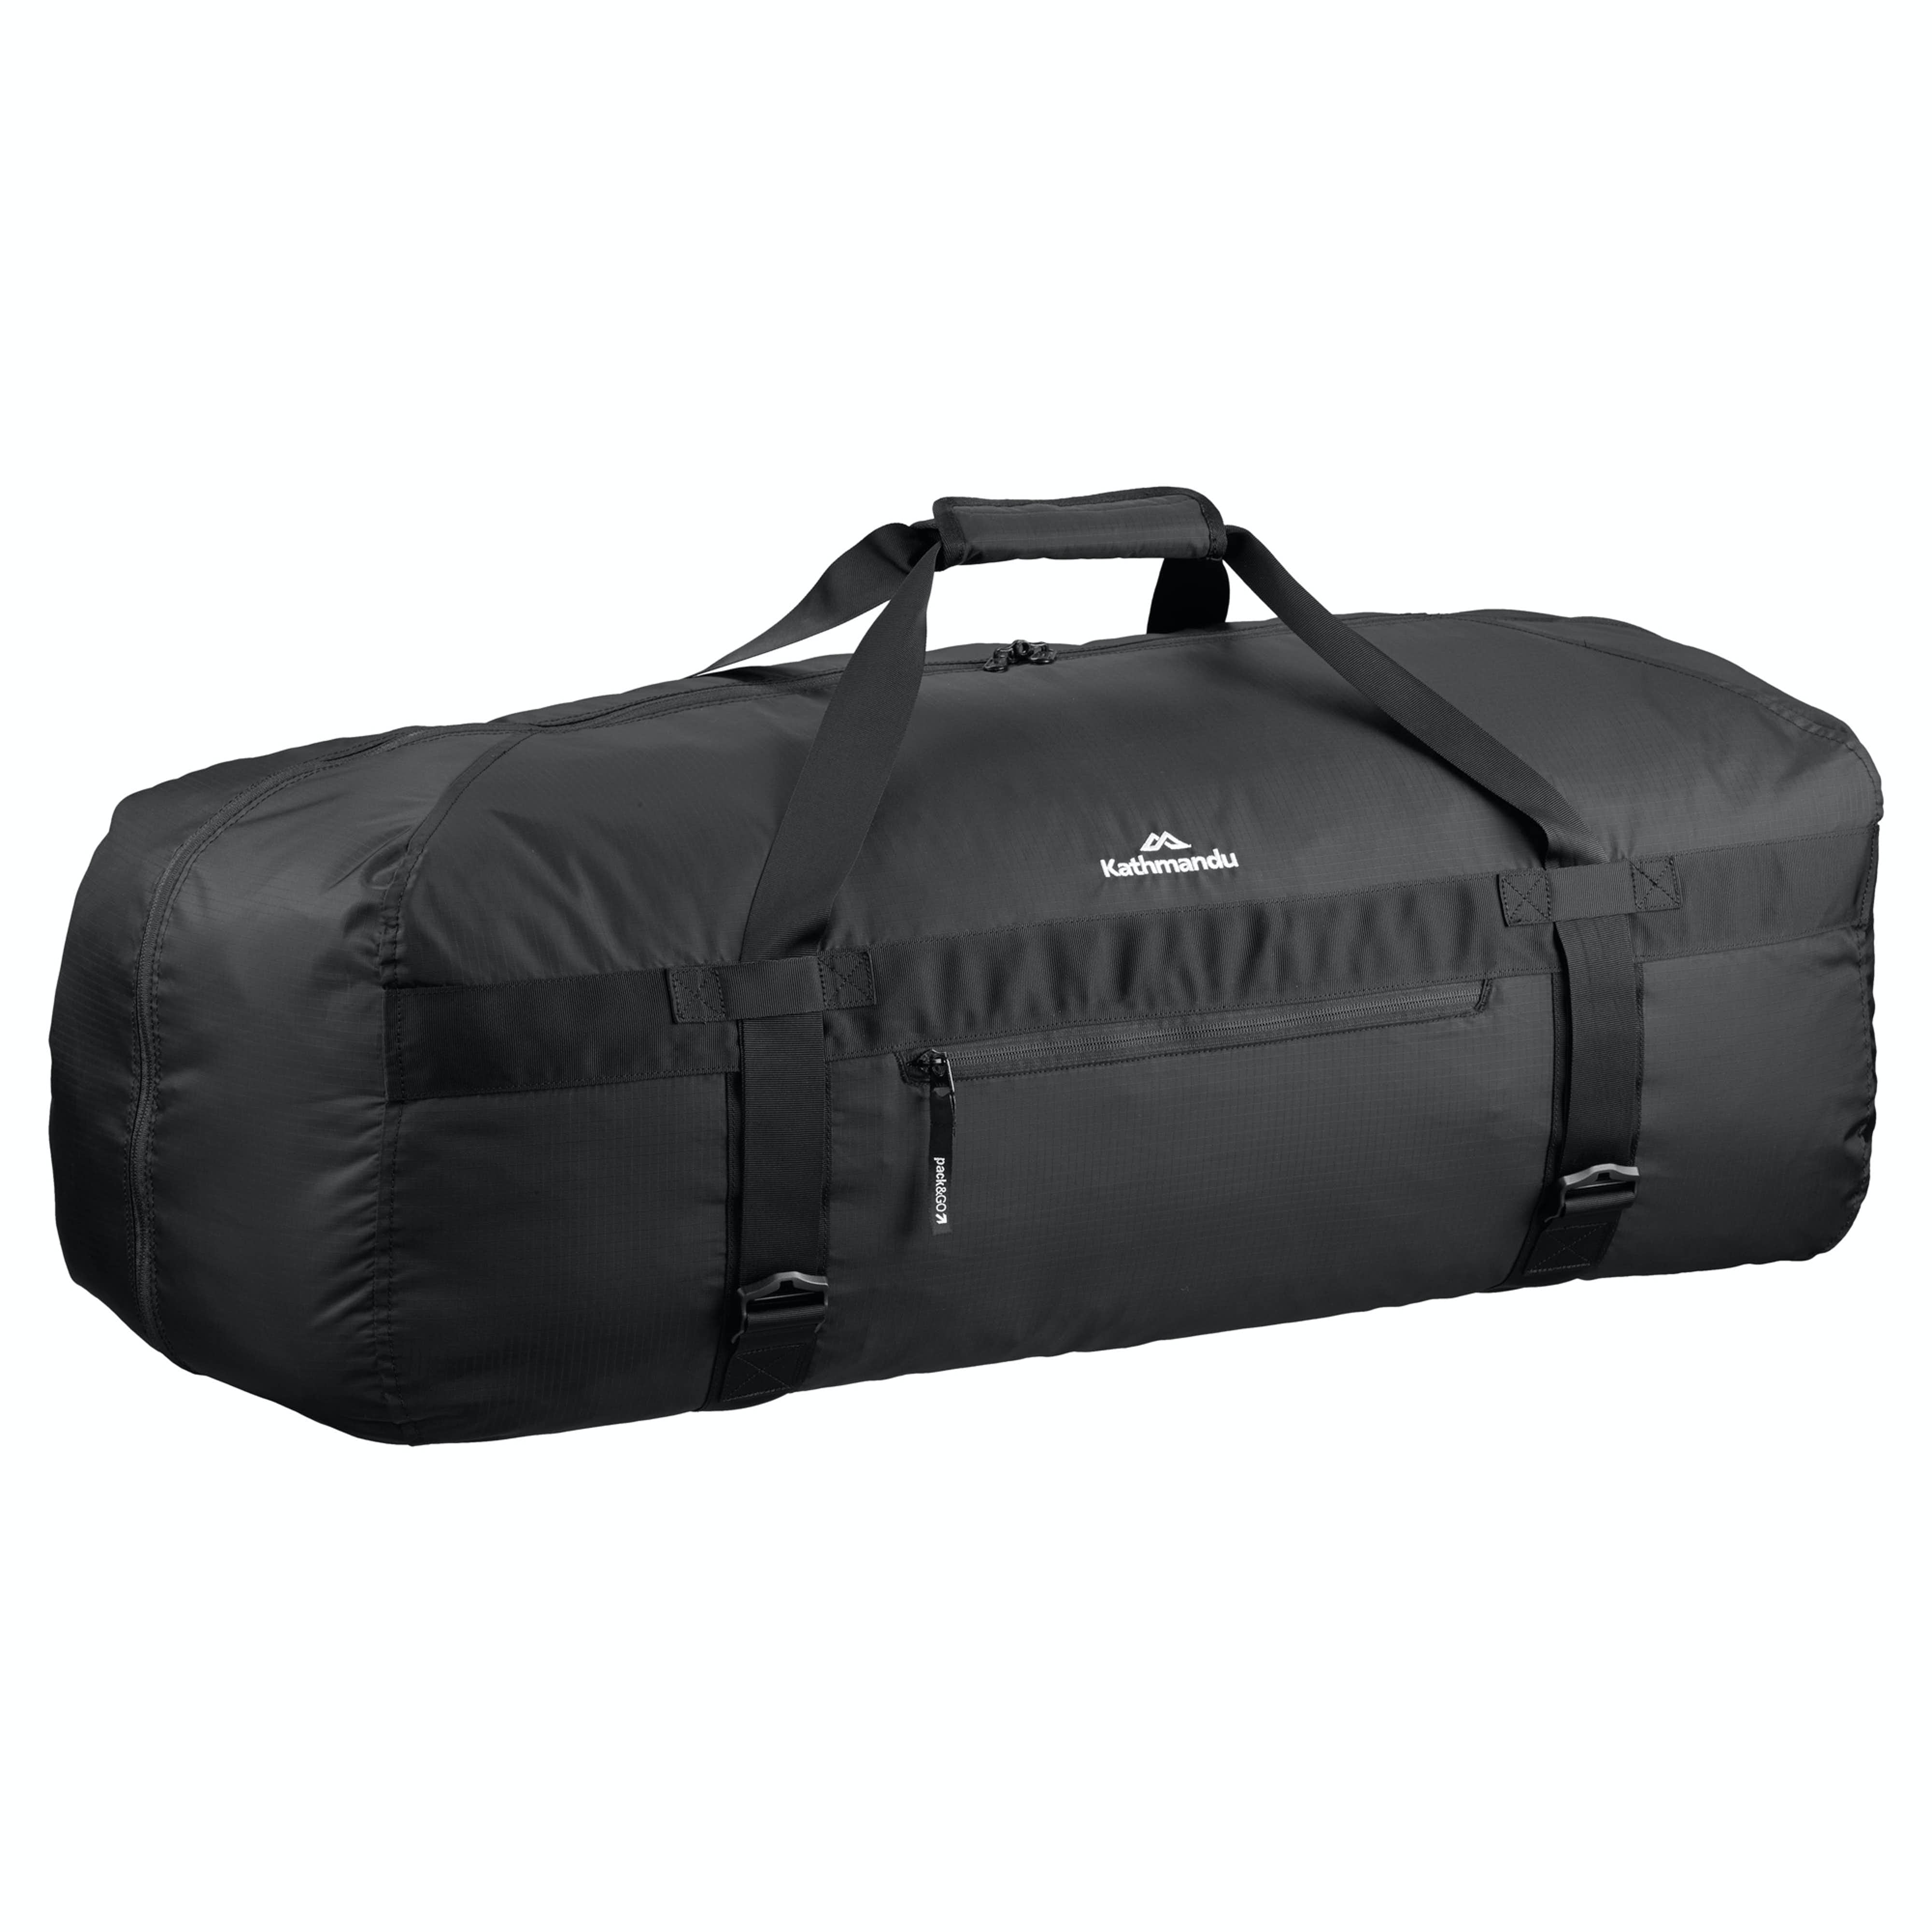 43c6e201a485 pack GO 80L Pocket Transporter